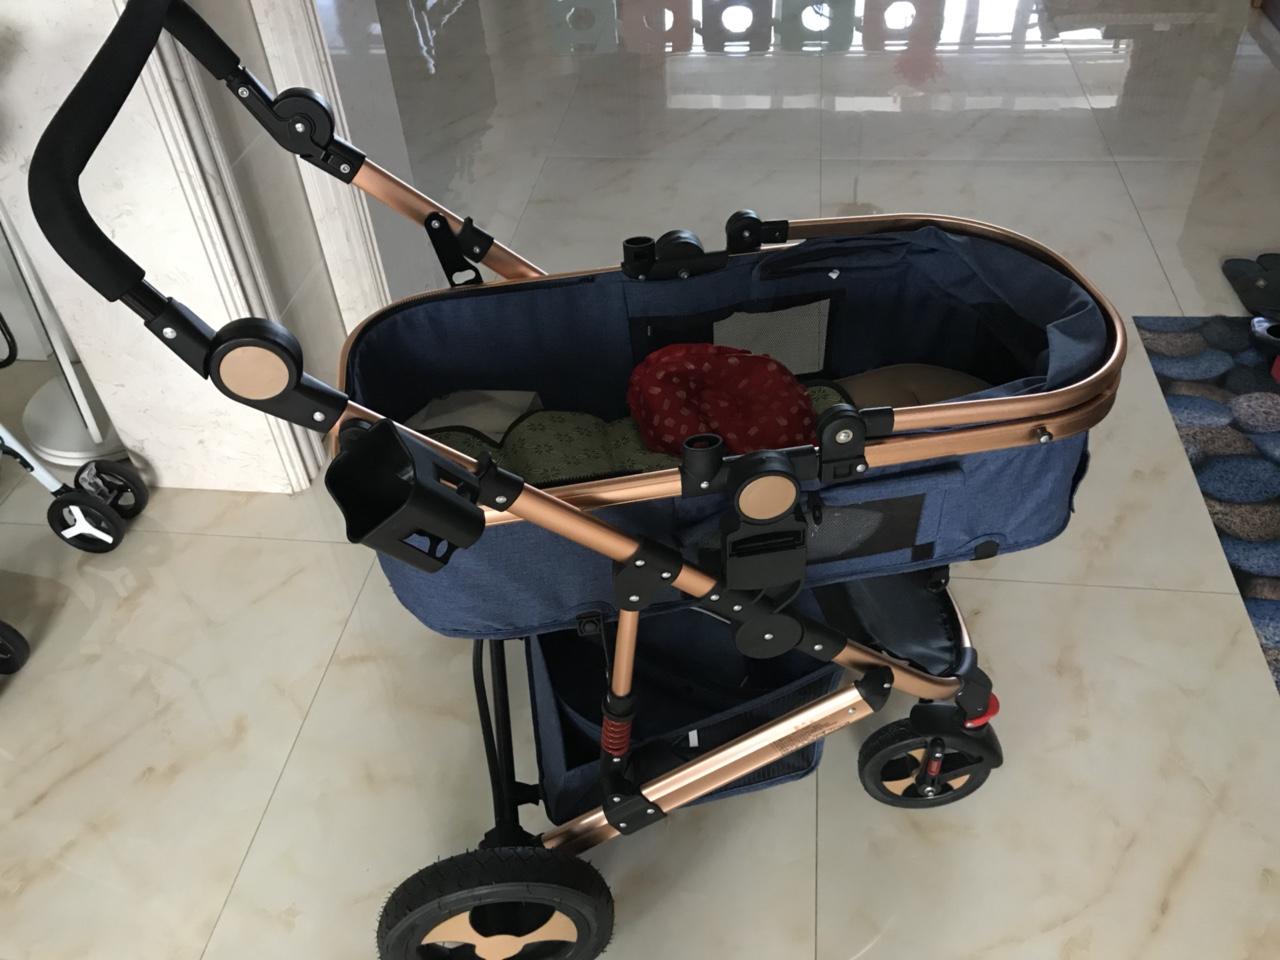 基本全新的婴儿推车